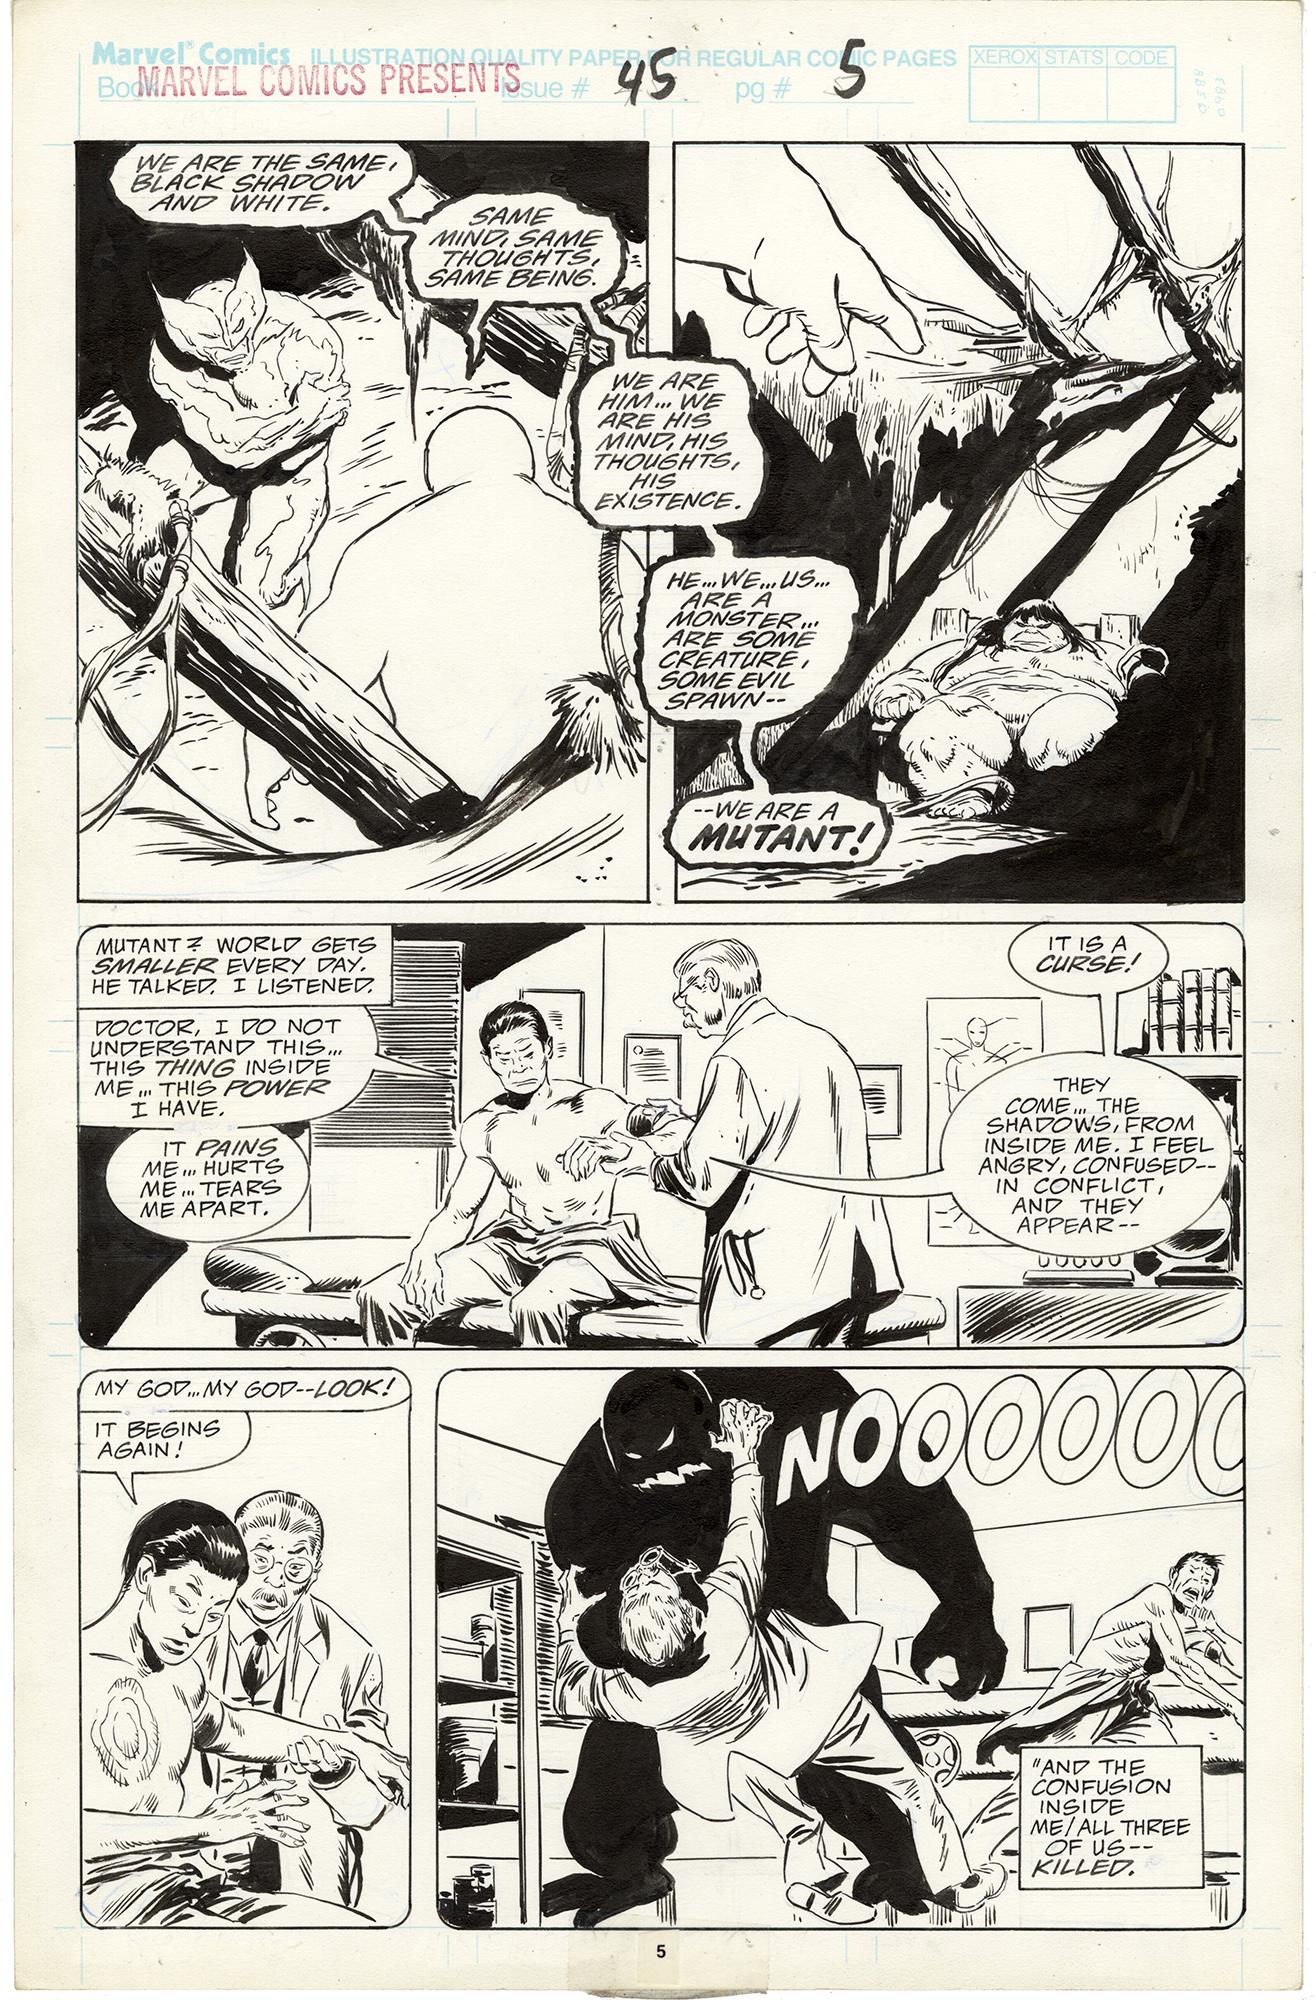 Marvel Comics Presents #45 p5